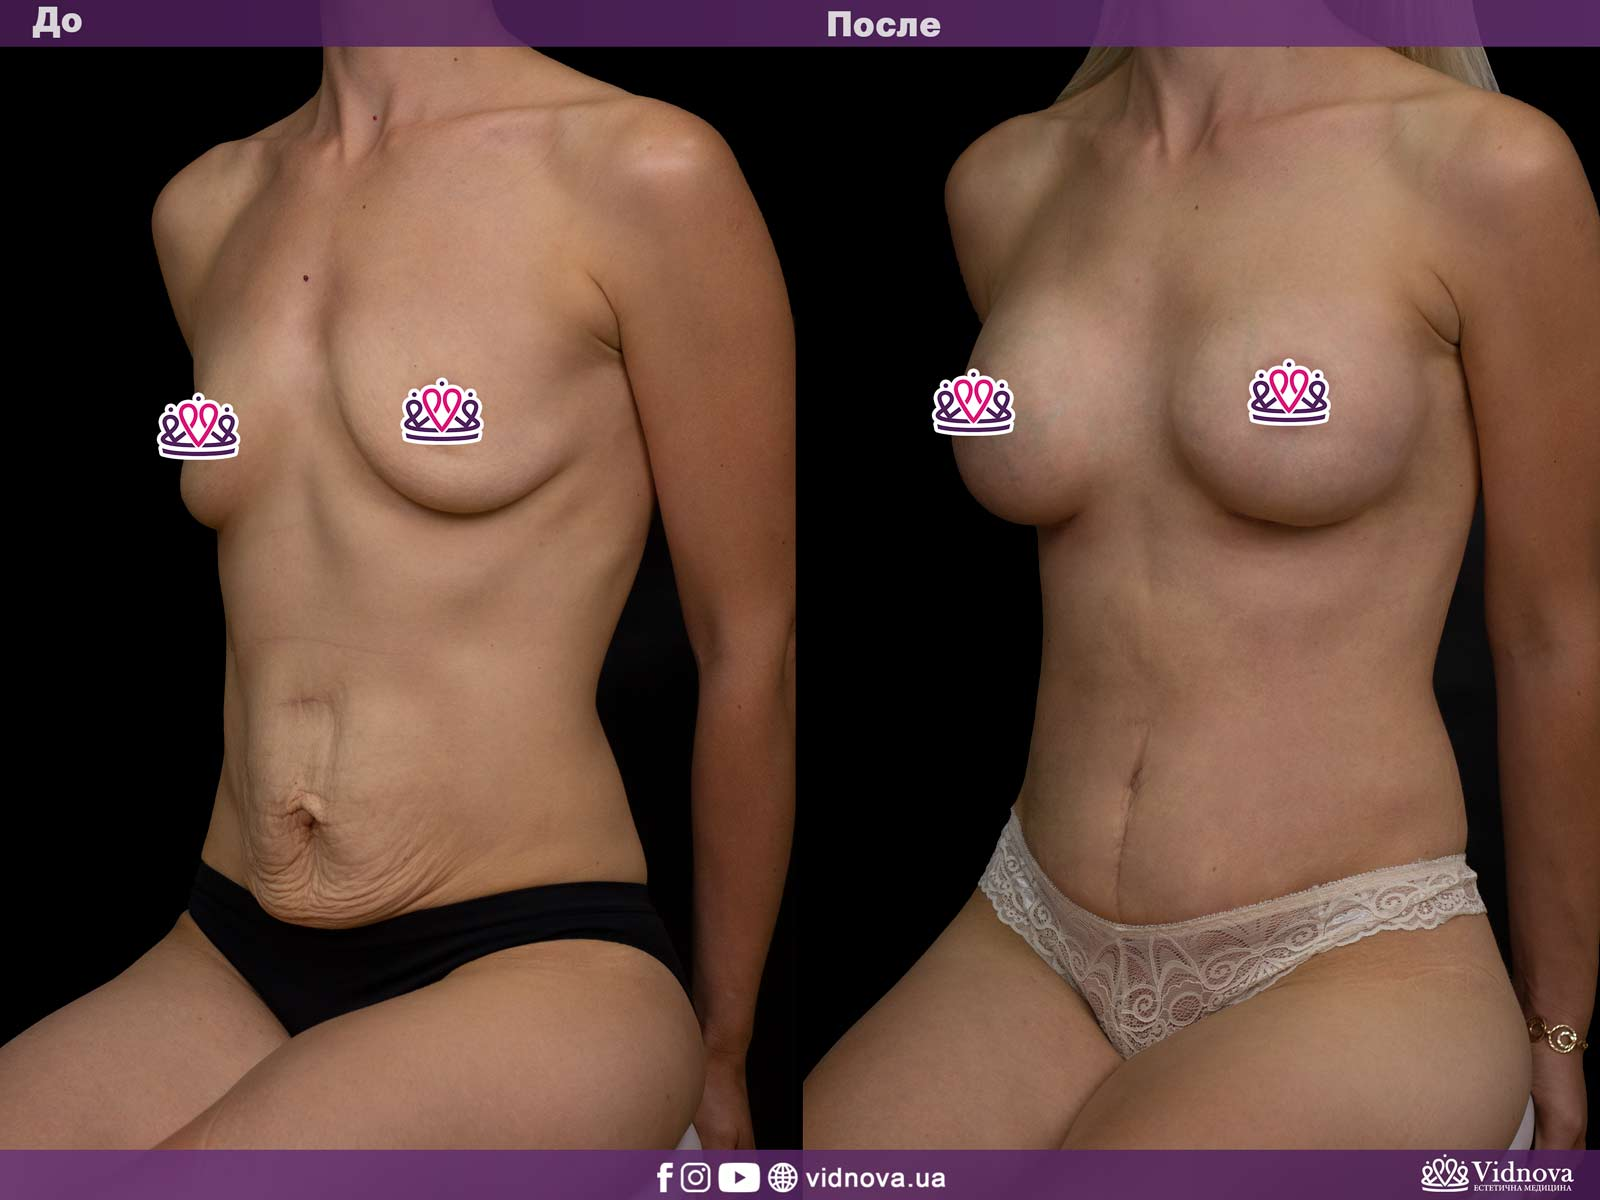 Совмещенные операции: Фото До и После - Пример №2-1 - Клиника Vidnova